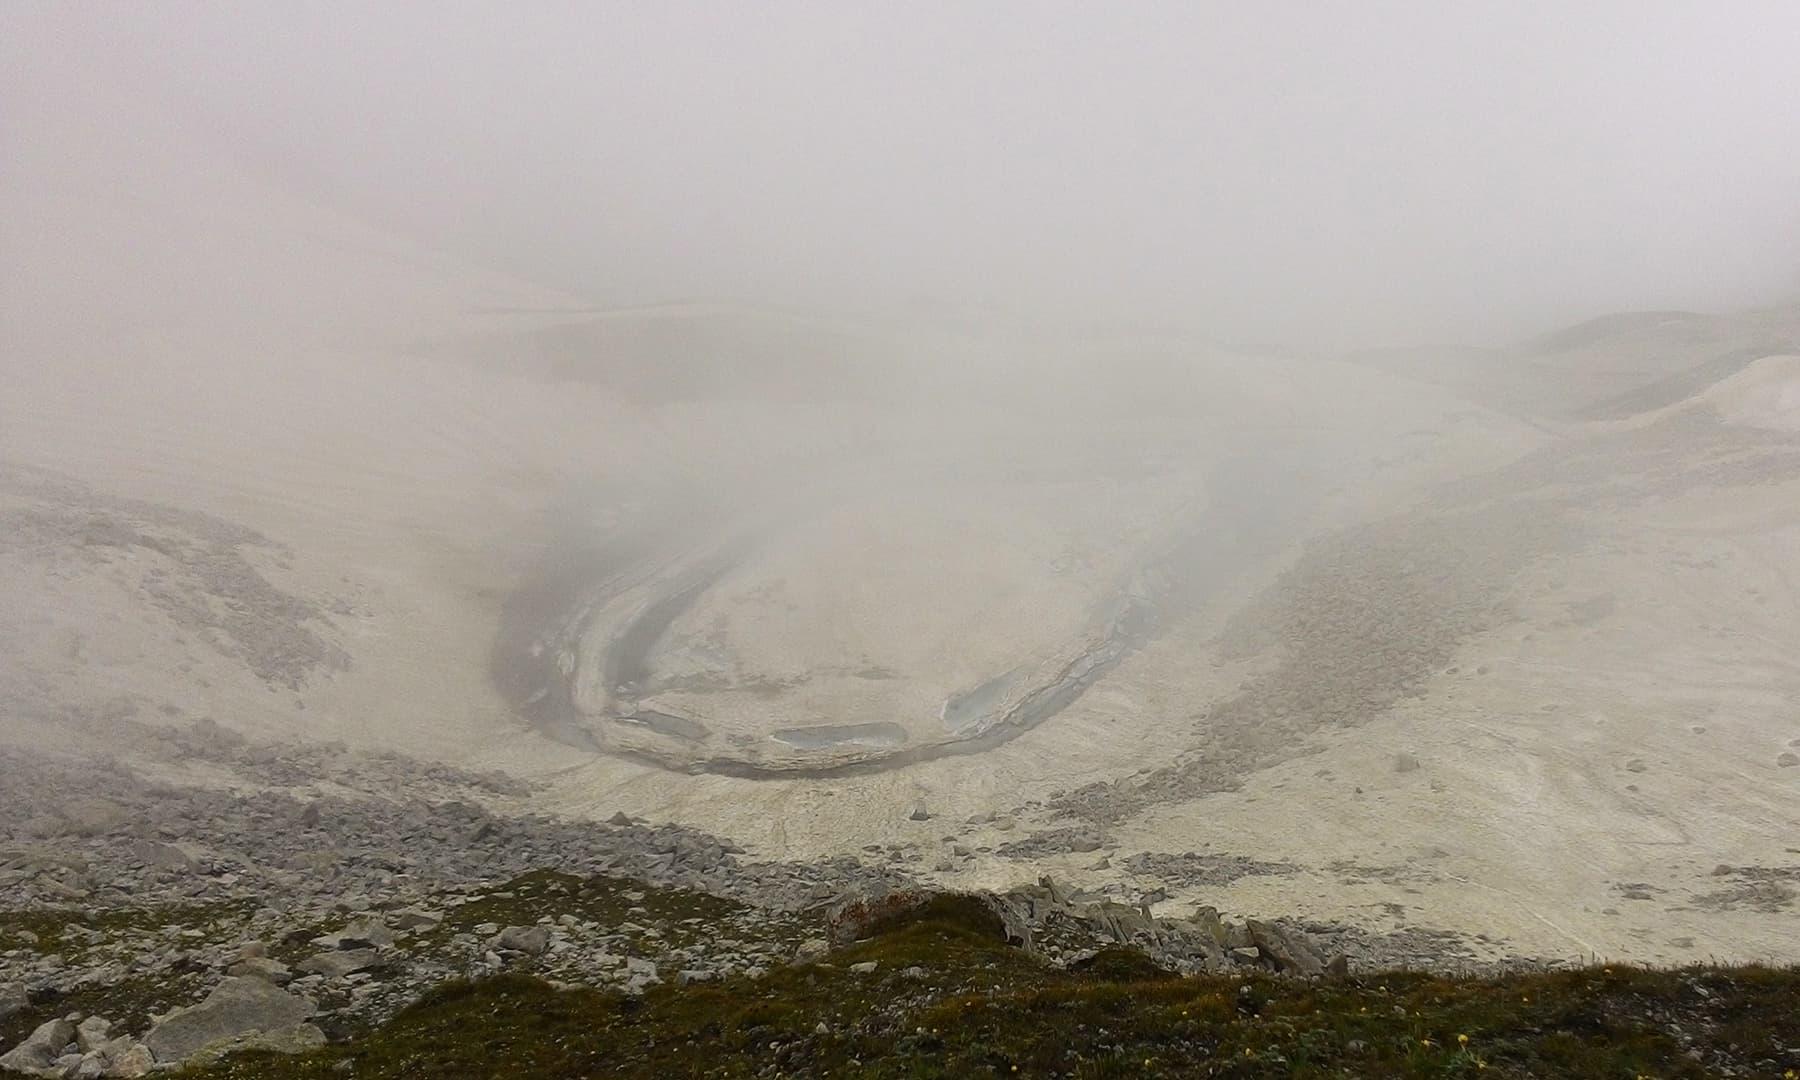 آنسو جھیل بھی آہستہ آہستہ اپنا پردہ ہٹاتی گئی—تصویر : عظمت اکبر